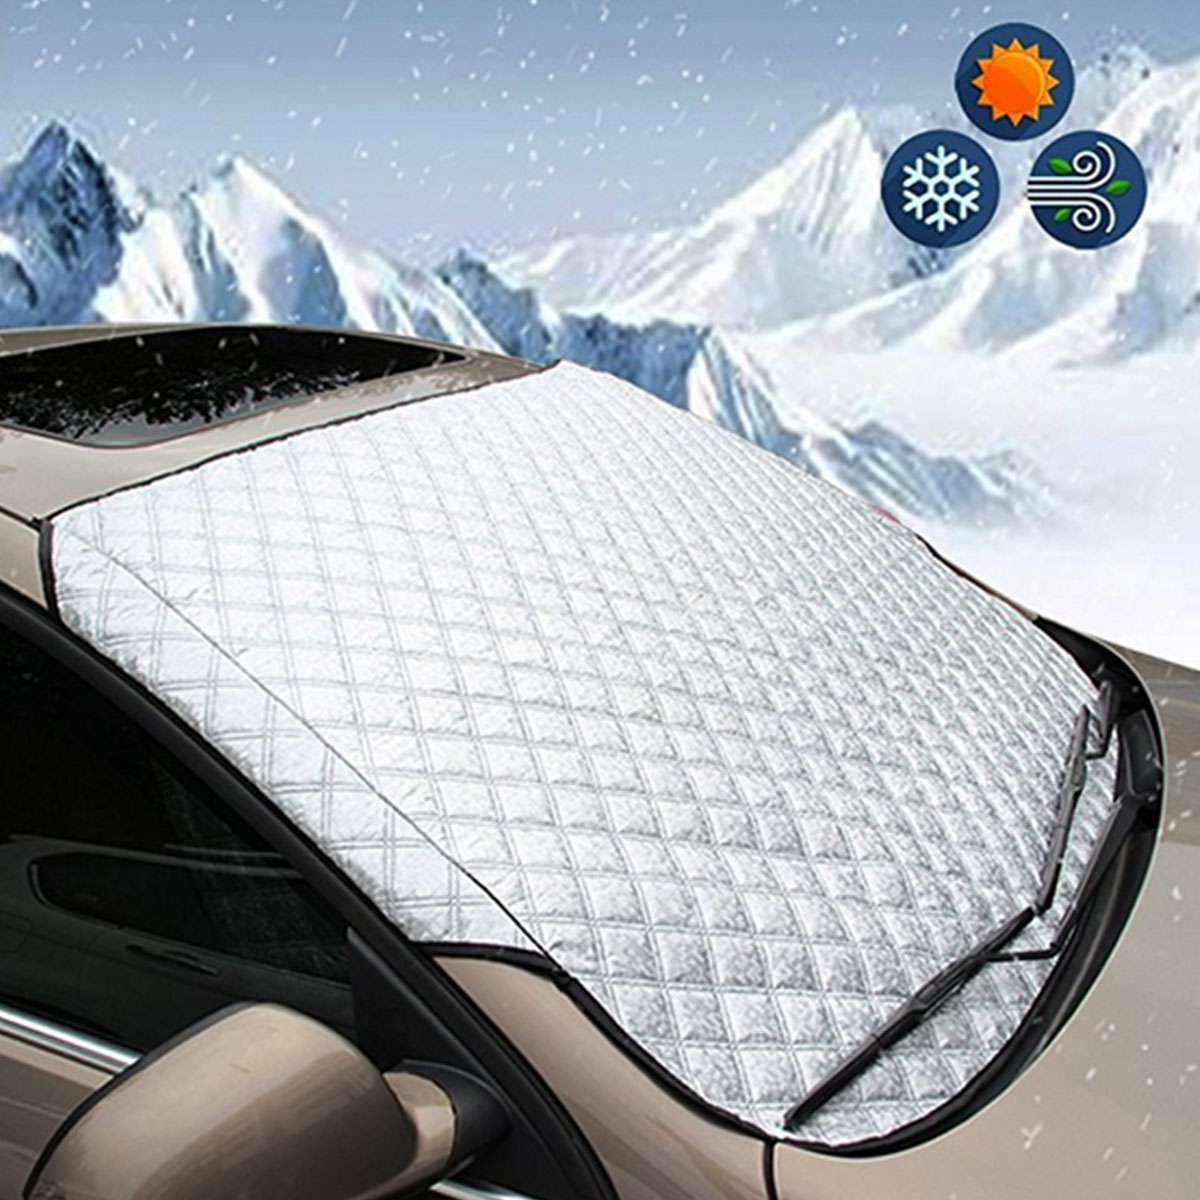 147*70 ซม.ฝาครอบกระจกรถยนต์หน้าต่างหน้าจอแสงแดด Frost ICE Snow Protector